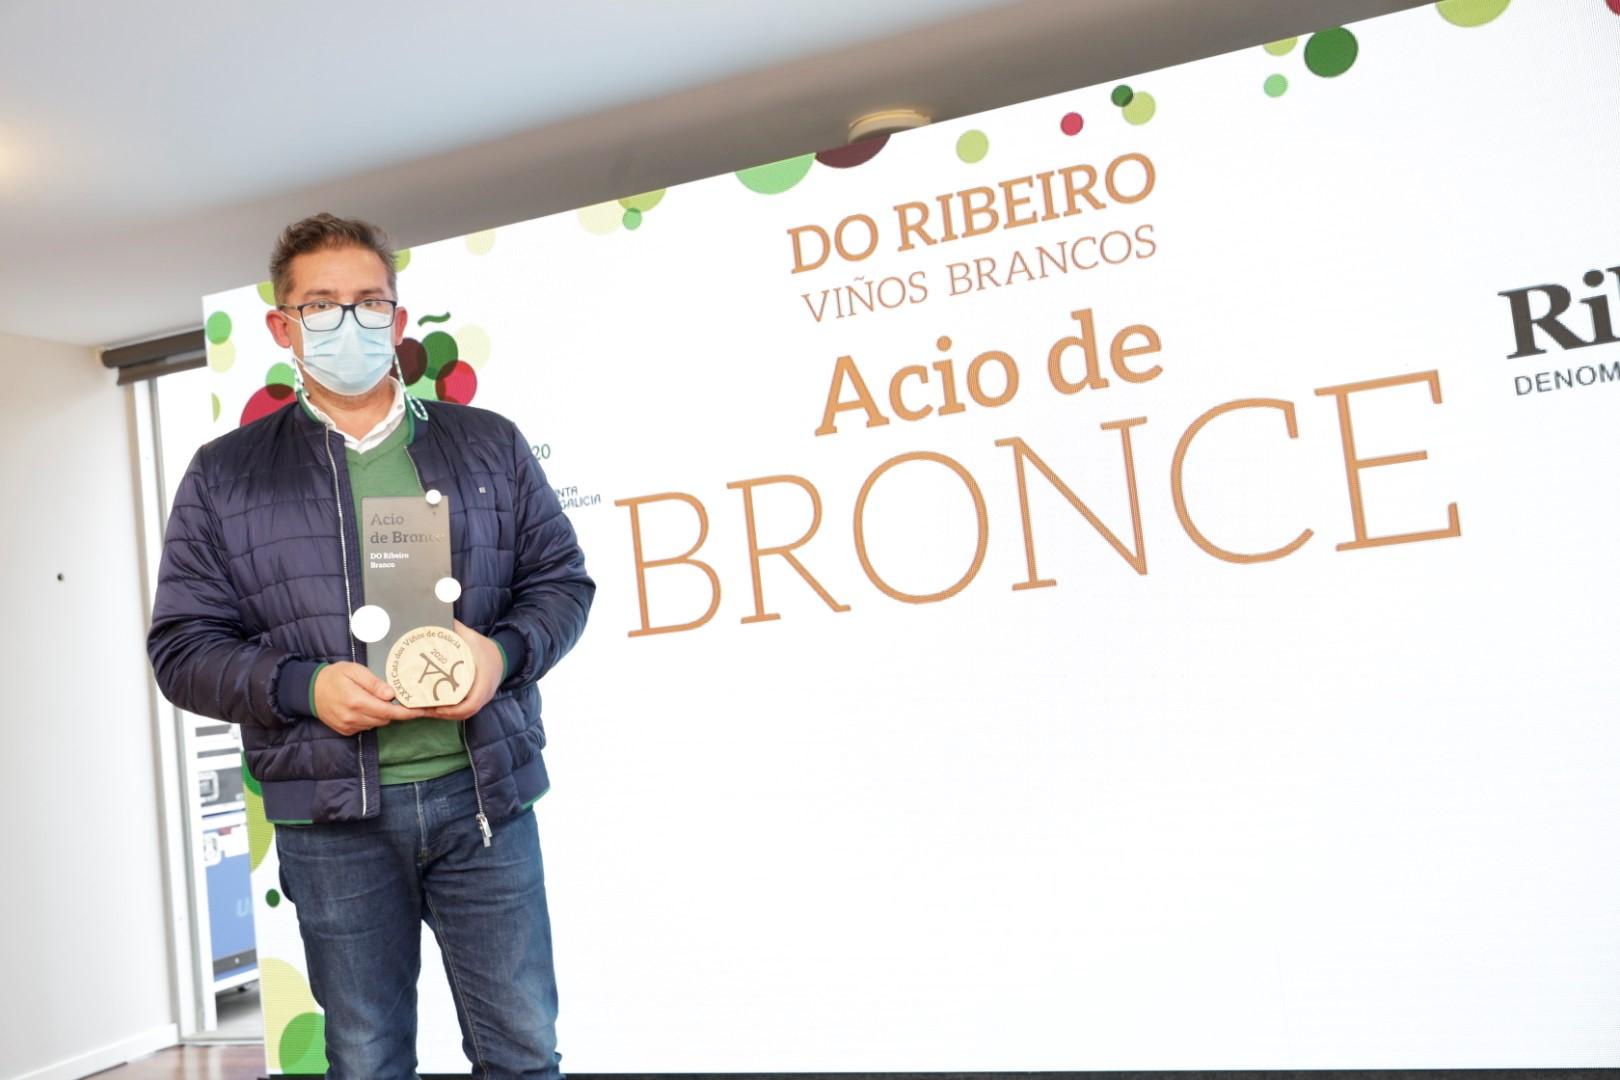 201112_MR_Gañadores Catas de Galicia_DO Ribeiro BRANCO ACIO DE BRANCE